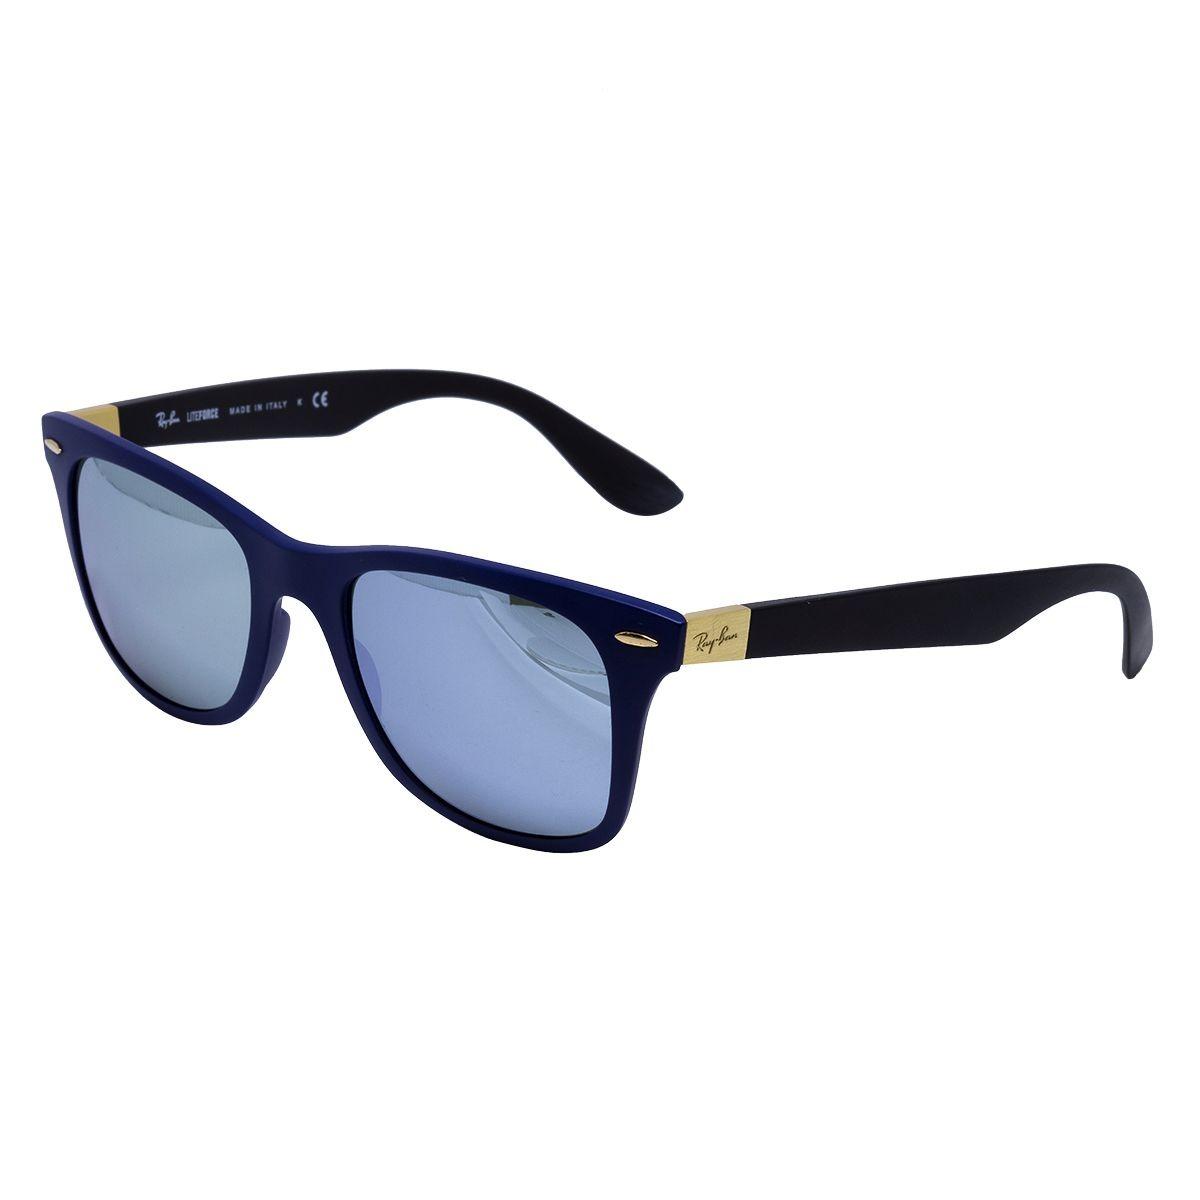 c33fde0215837f óculos de sol ray ban original wayfarer liteforce rb4195 62. Carregando  zoom.